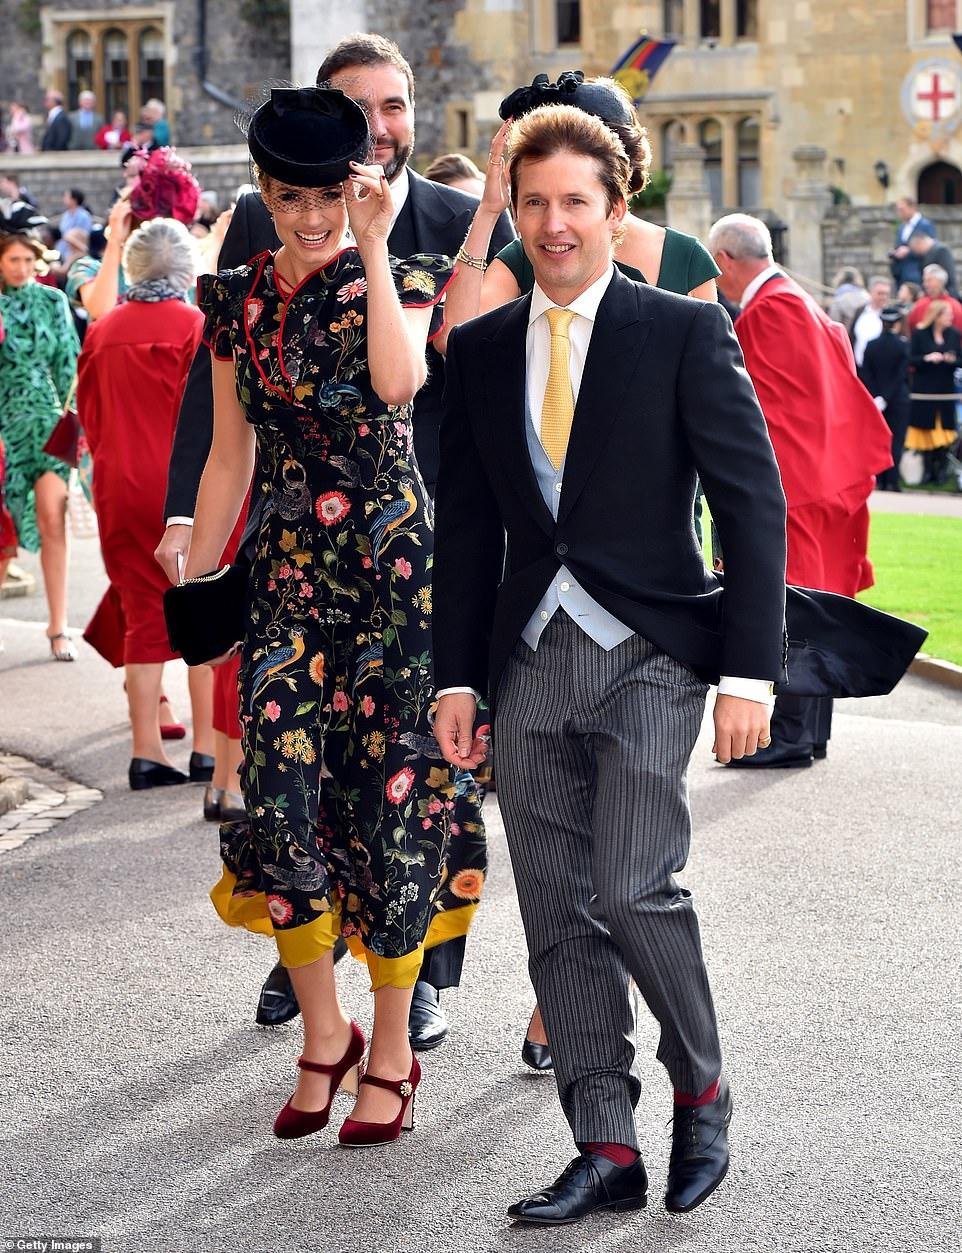 الطرب جايمس بلانت وزوجتة